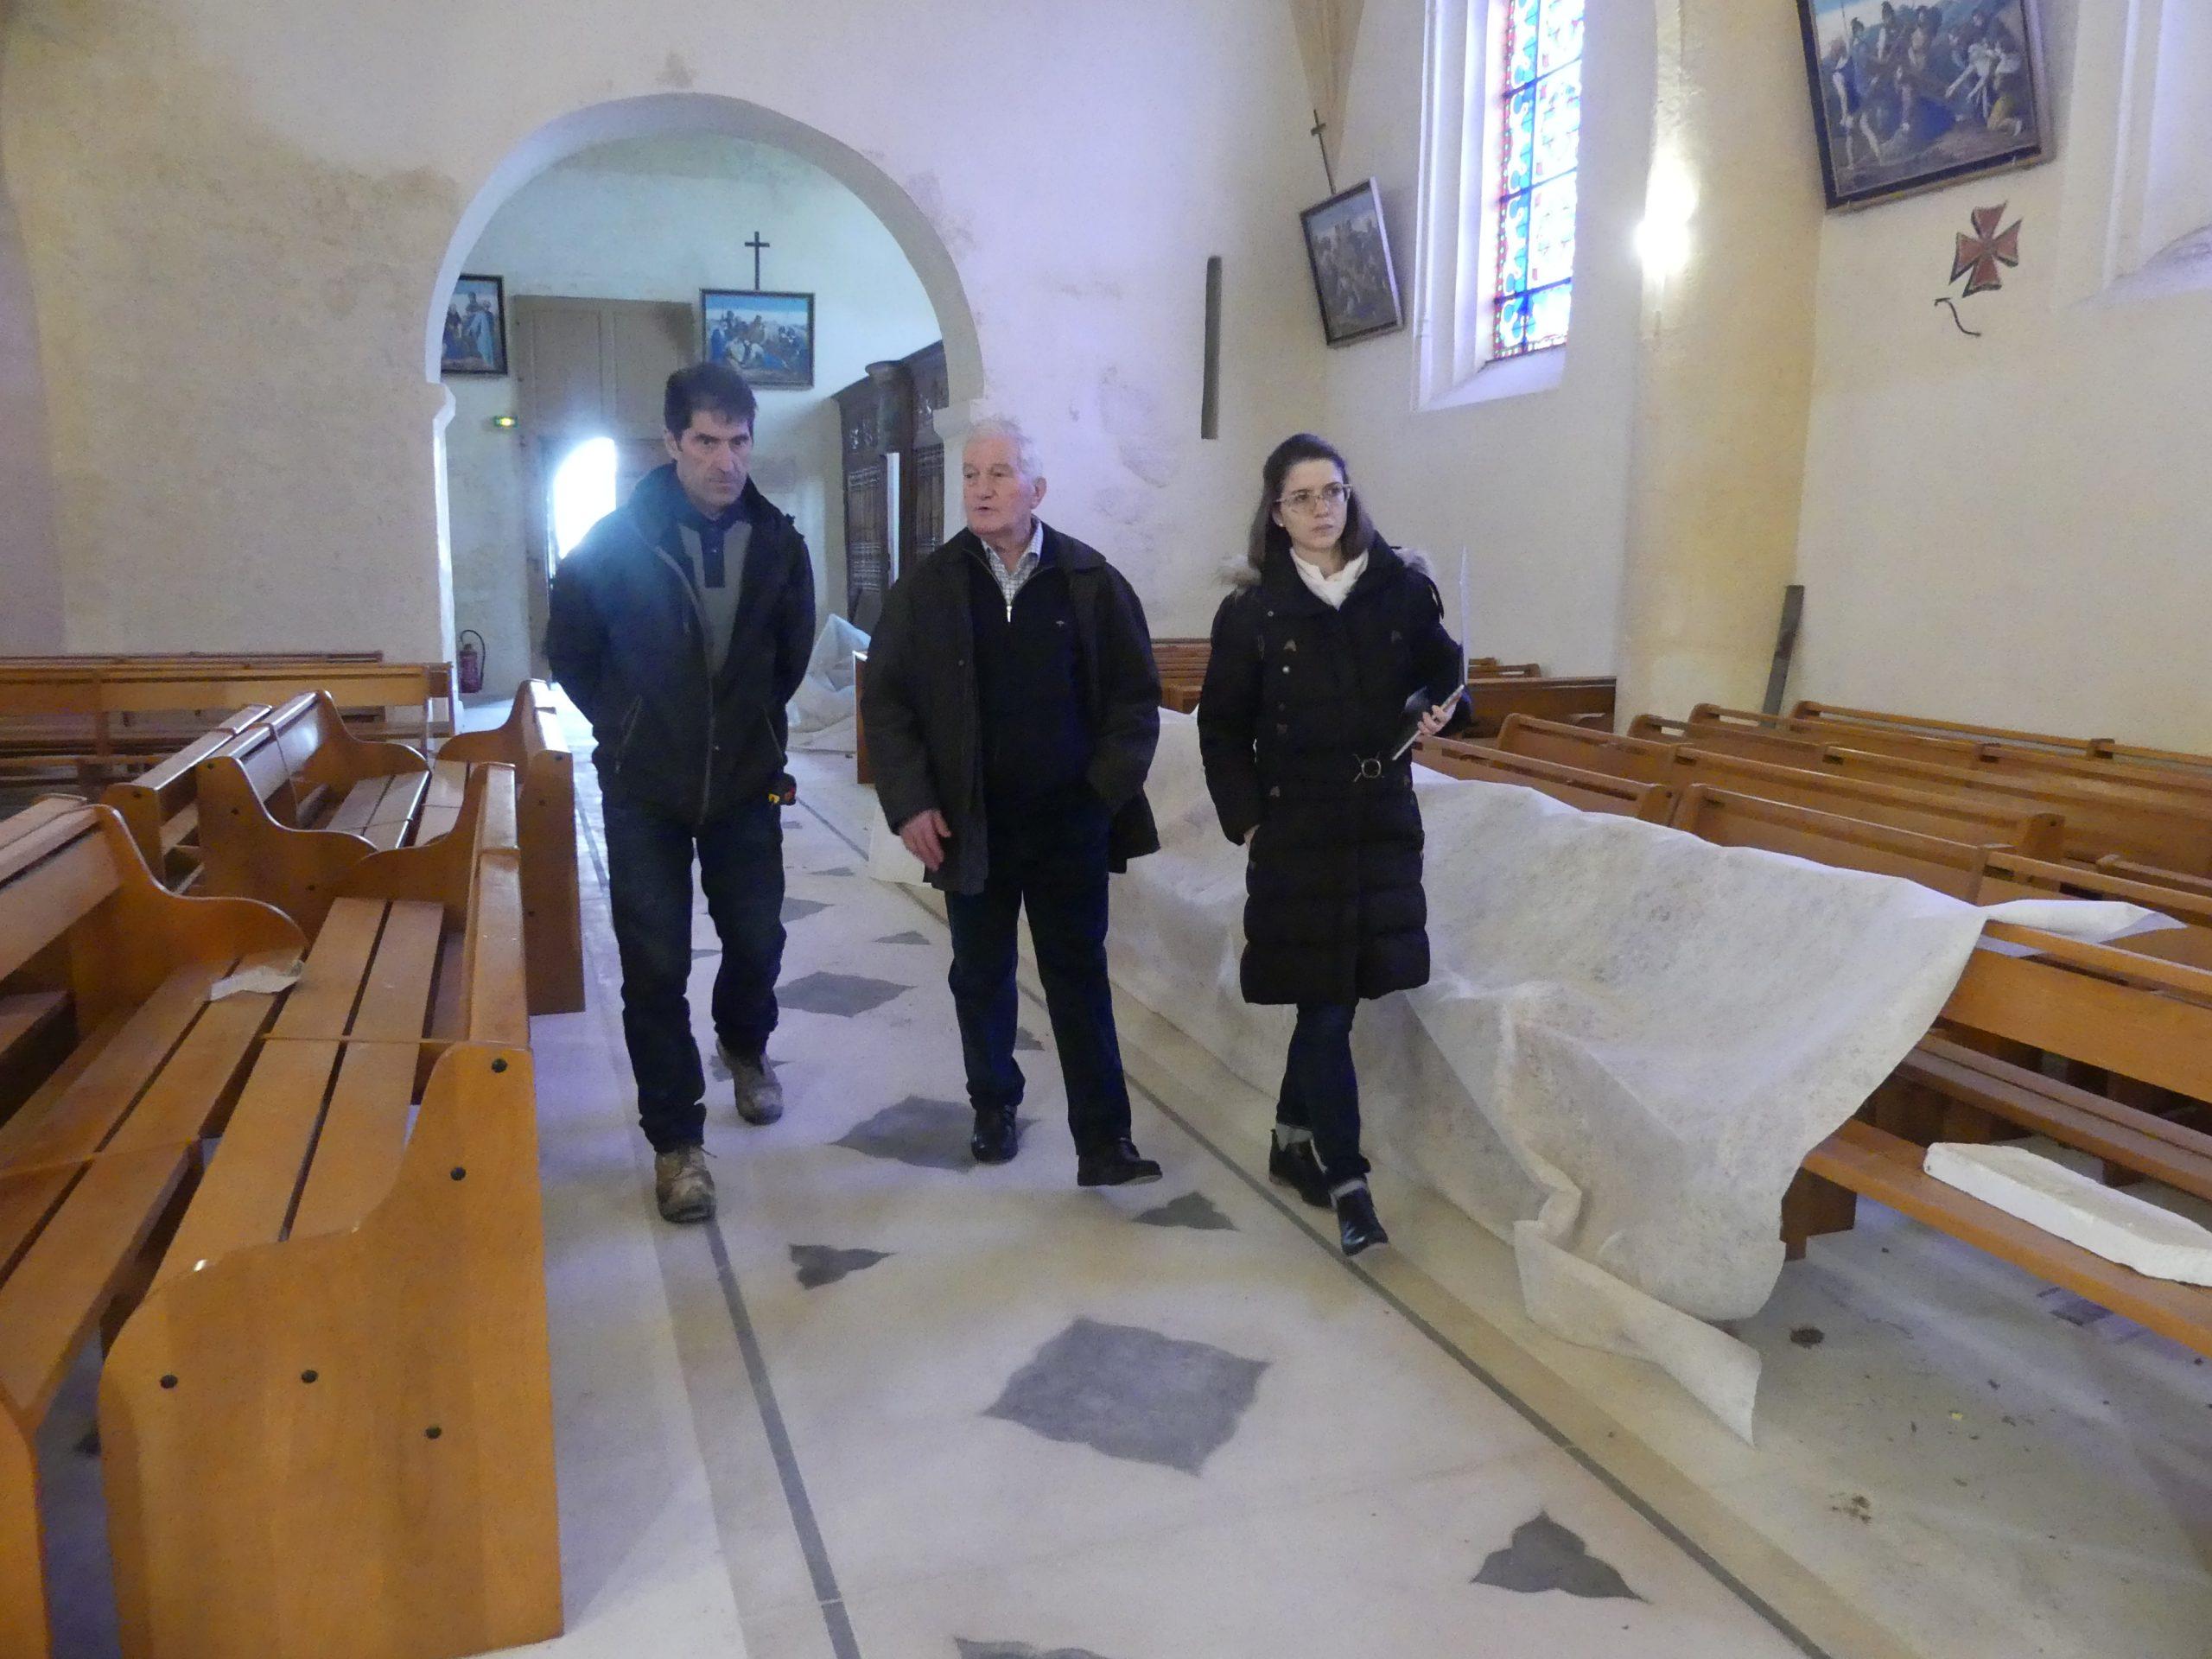 Ars - Eglise - Réunion chantier - 3 février 2020